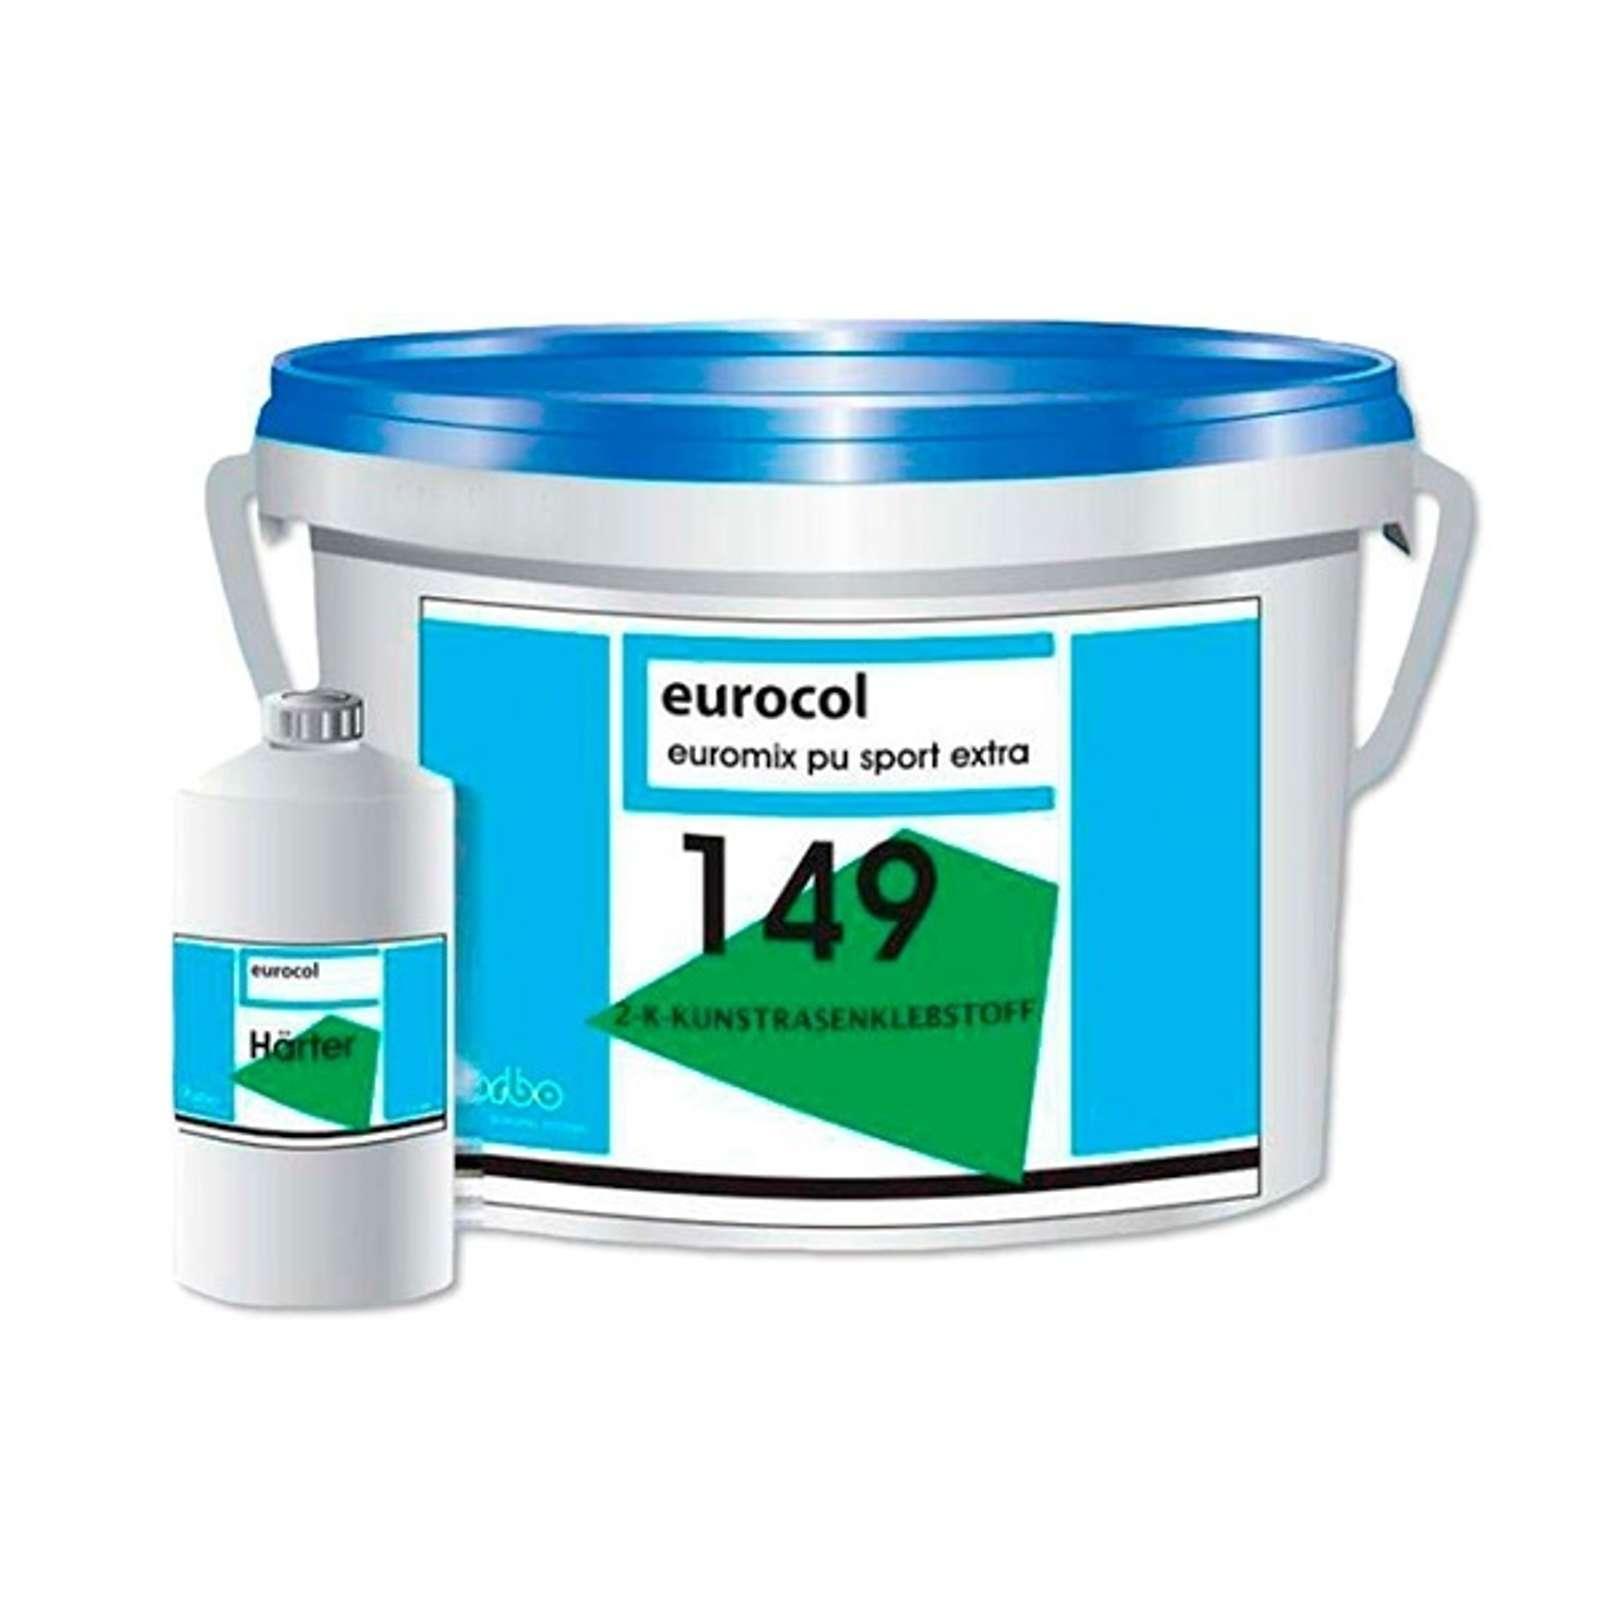 Клей Forbo (149 2-К, 13,2 кг, двухкомпонентный, срок хранения 12 мес, не морозостойкий для искусственной трав)